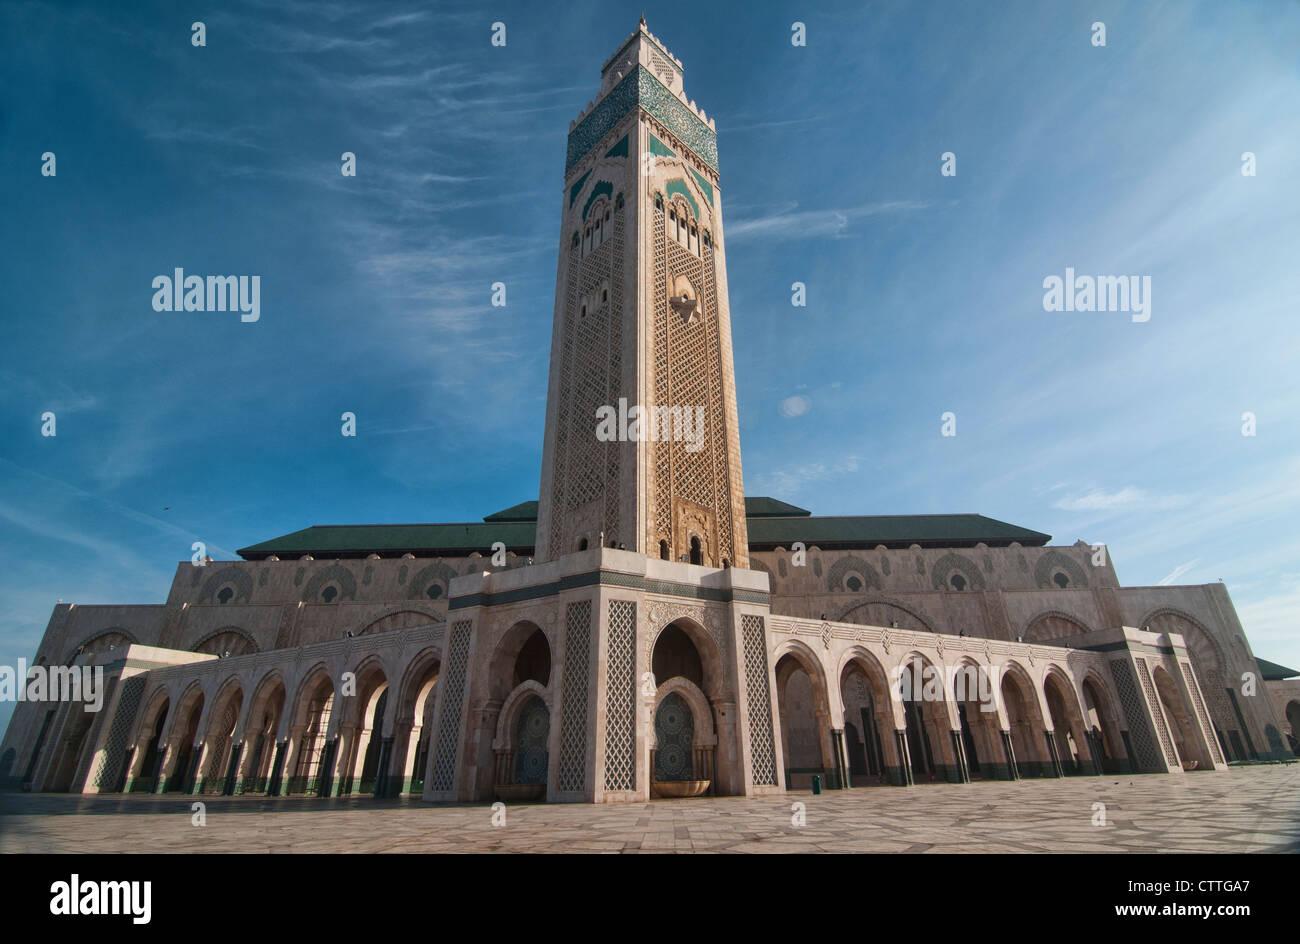 La straordinaria Moschea di Hassan II a Casablanca, Marocco Immagini Stock